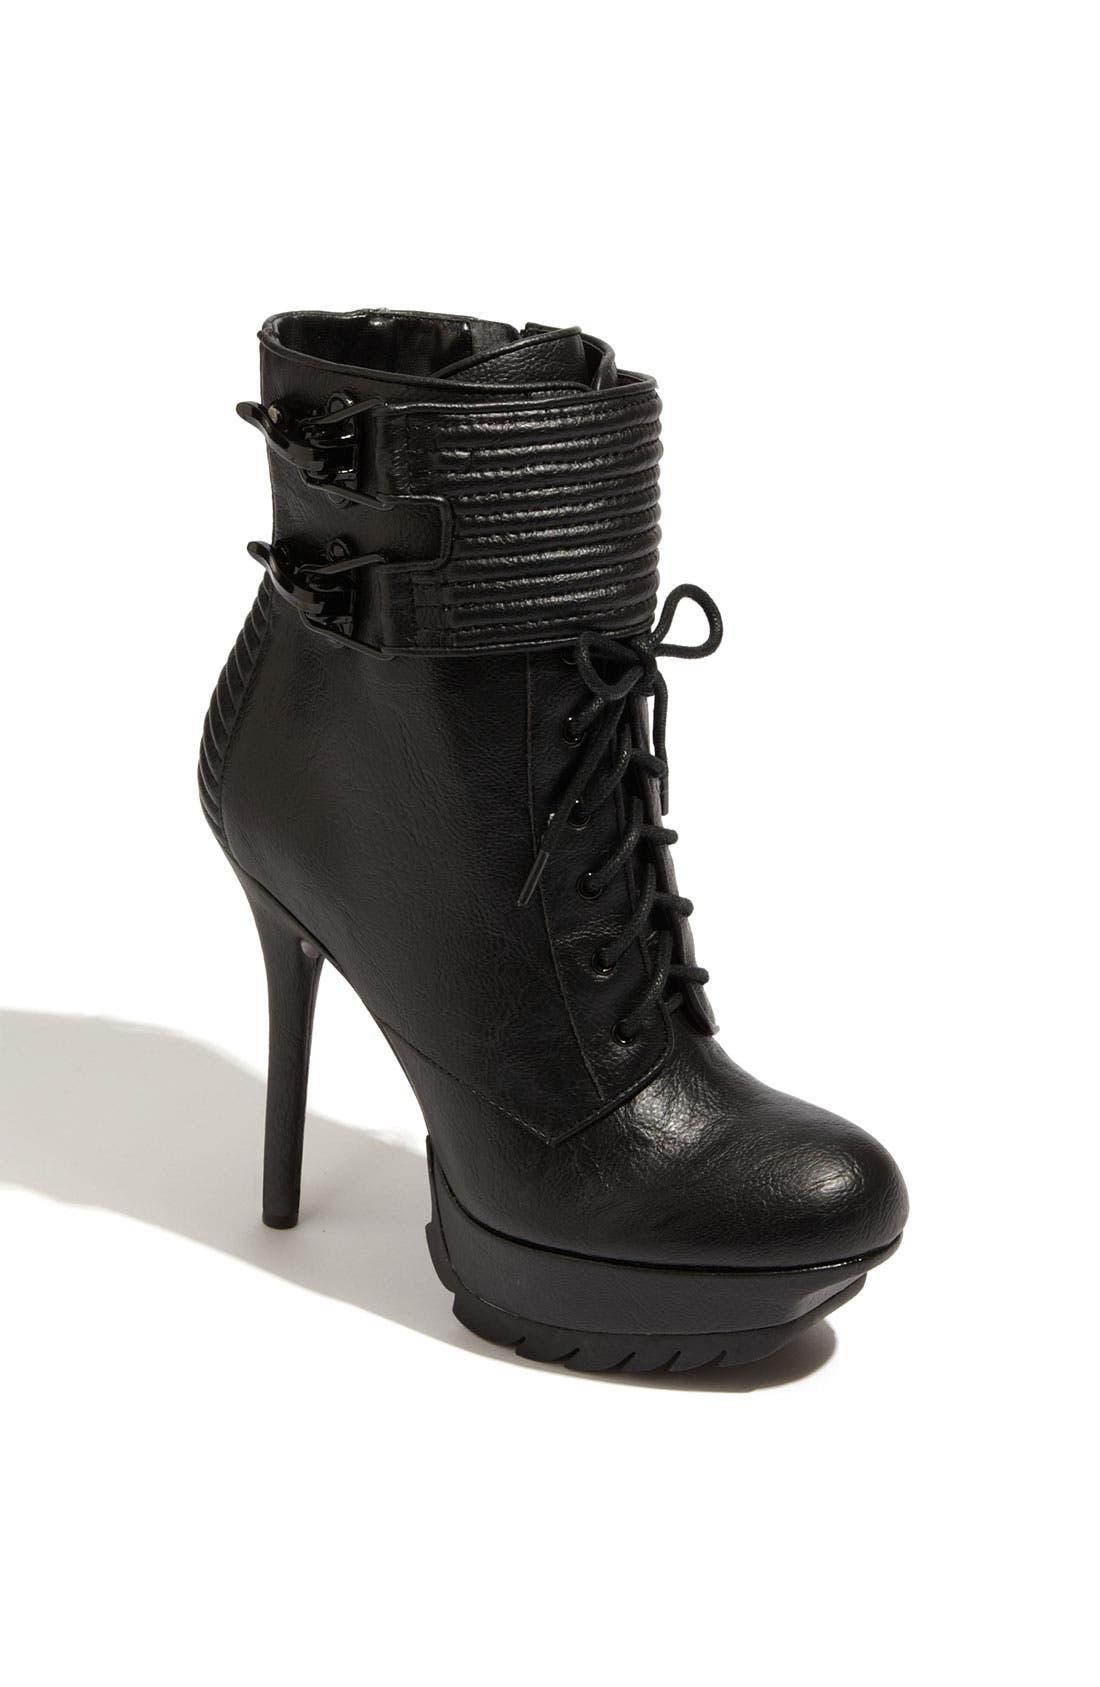 Alternate Image 1 Selected - Sam Edelman 'Vixen' Boot